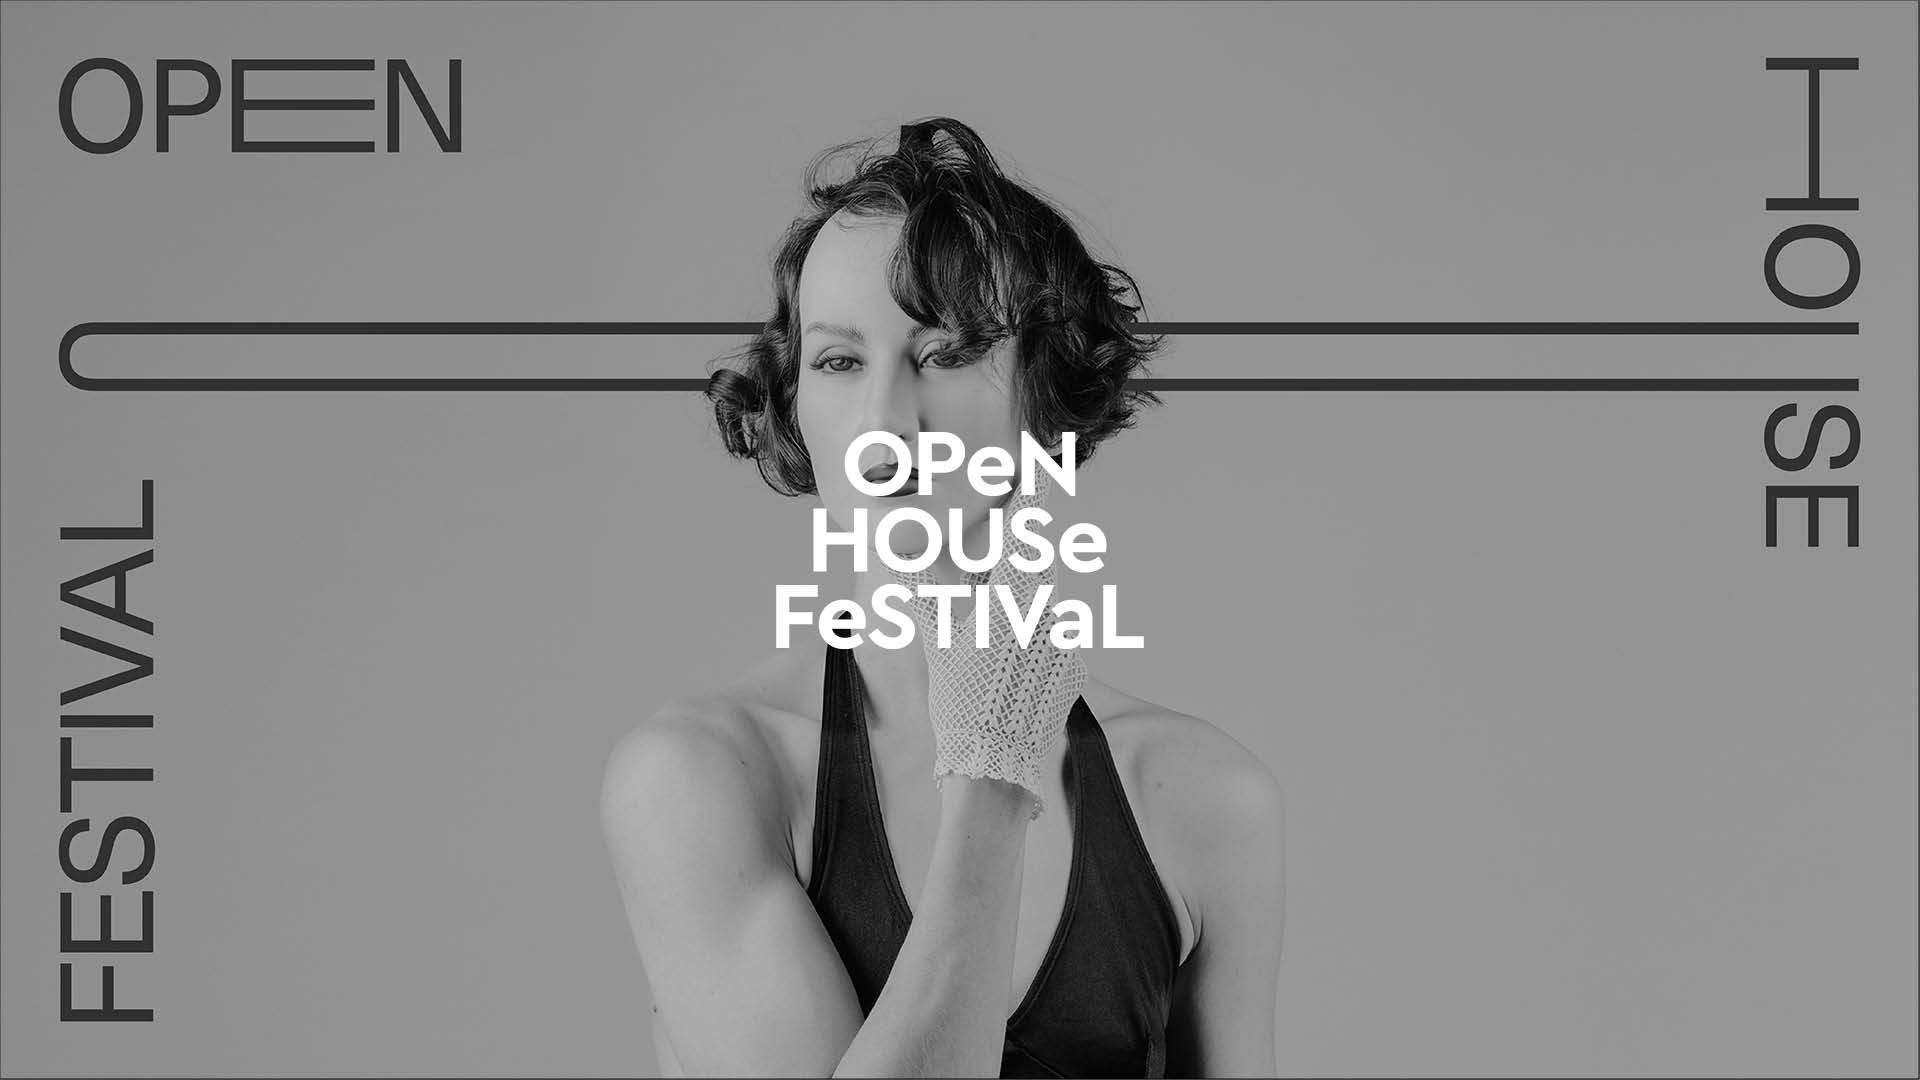 OPEN HOUSE FESTIVAL